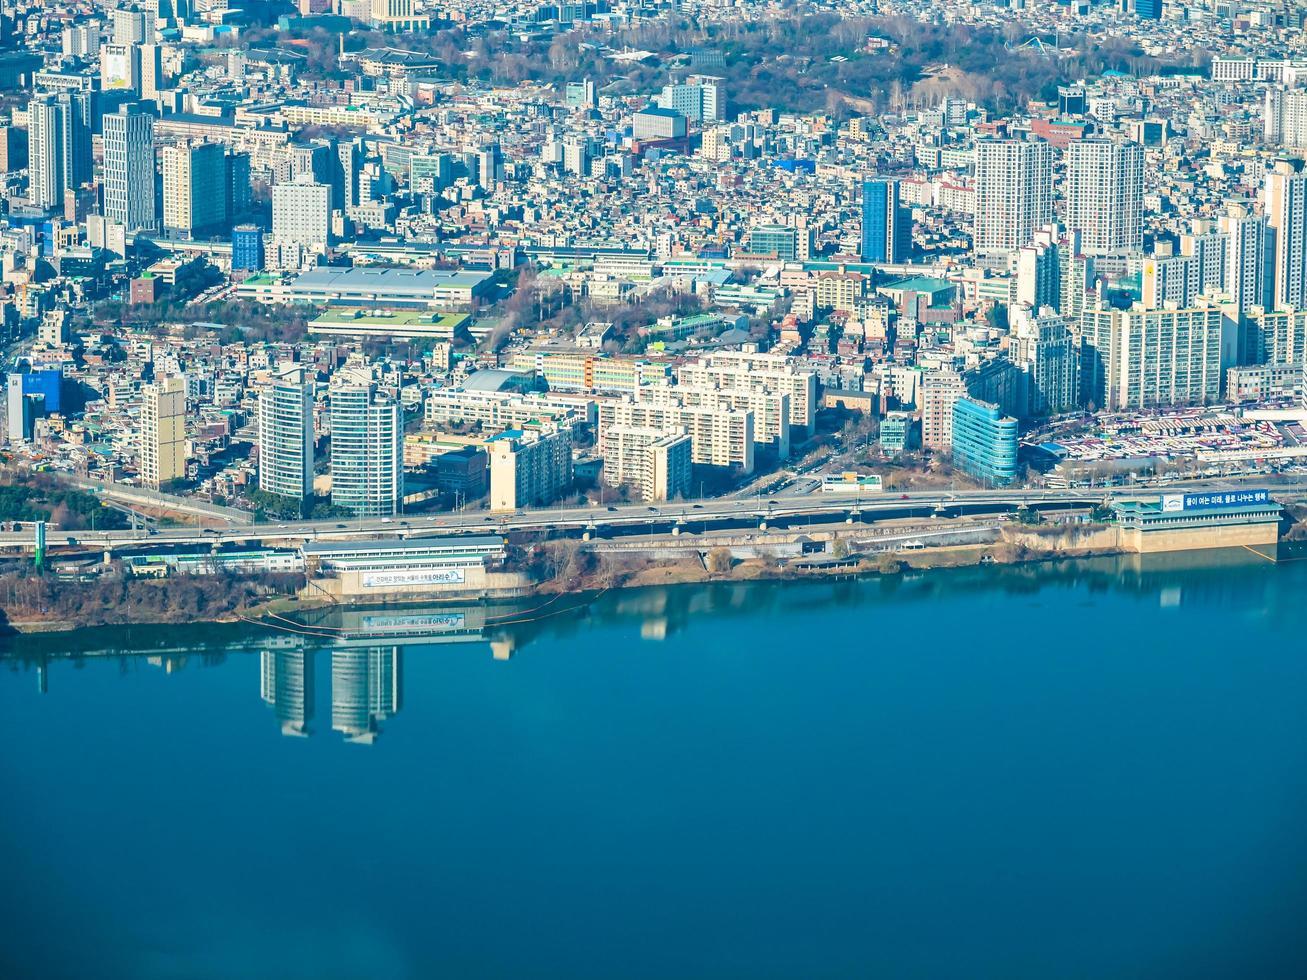 vista aérea de la ciudad de seúl, corea del sur foto